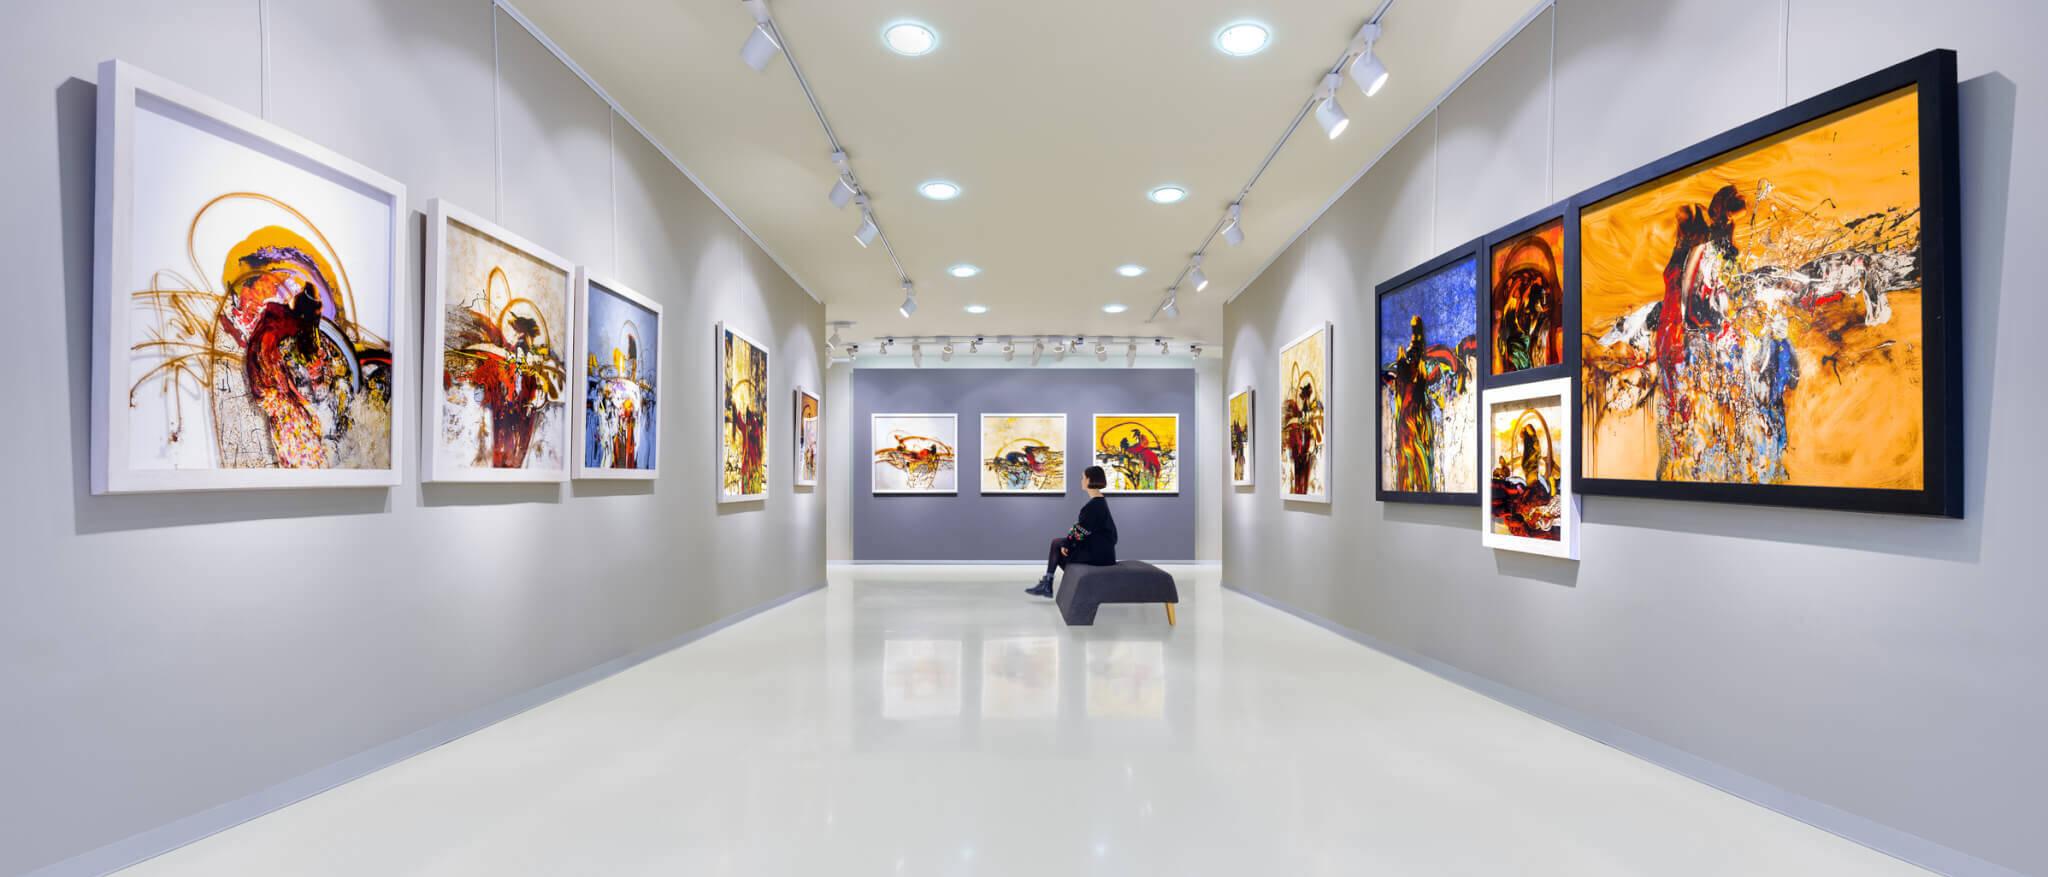 Tableaux dans une galerie d'art